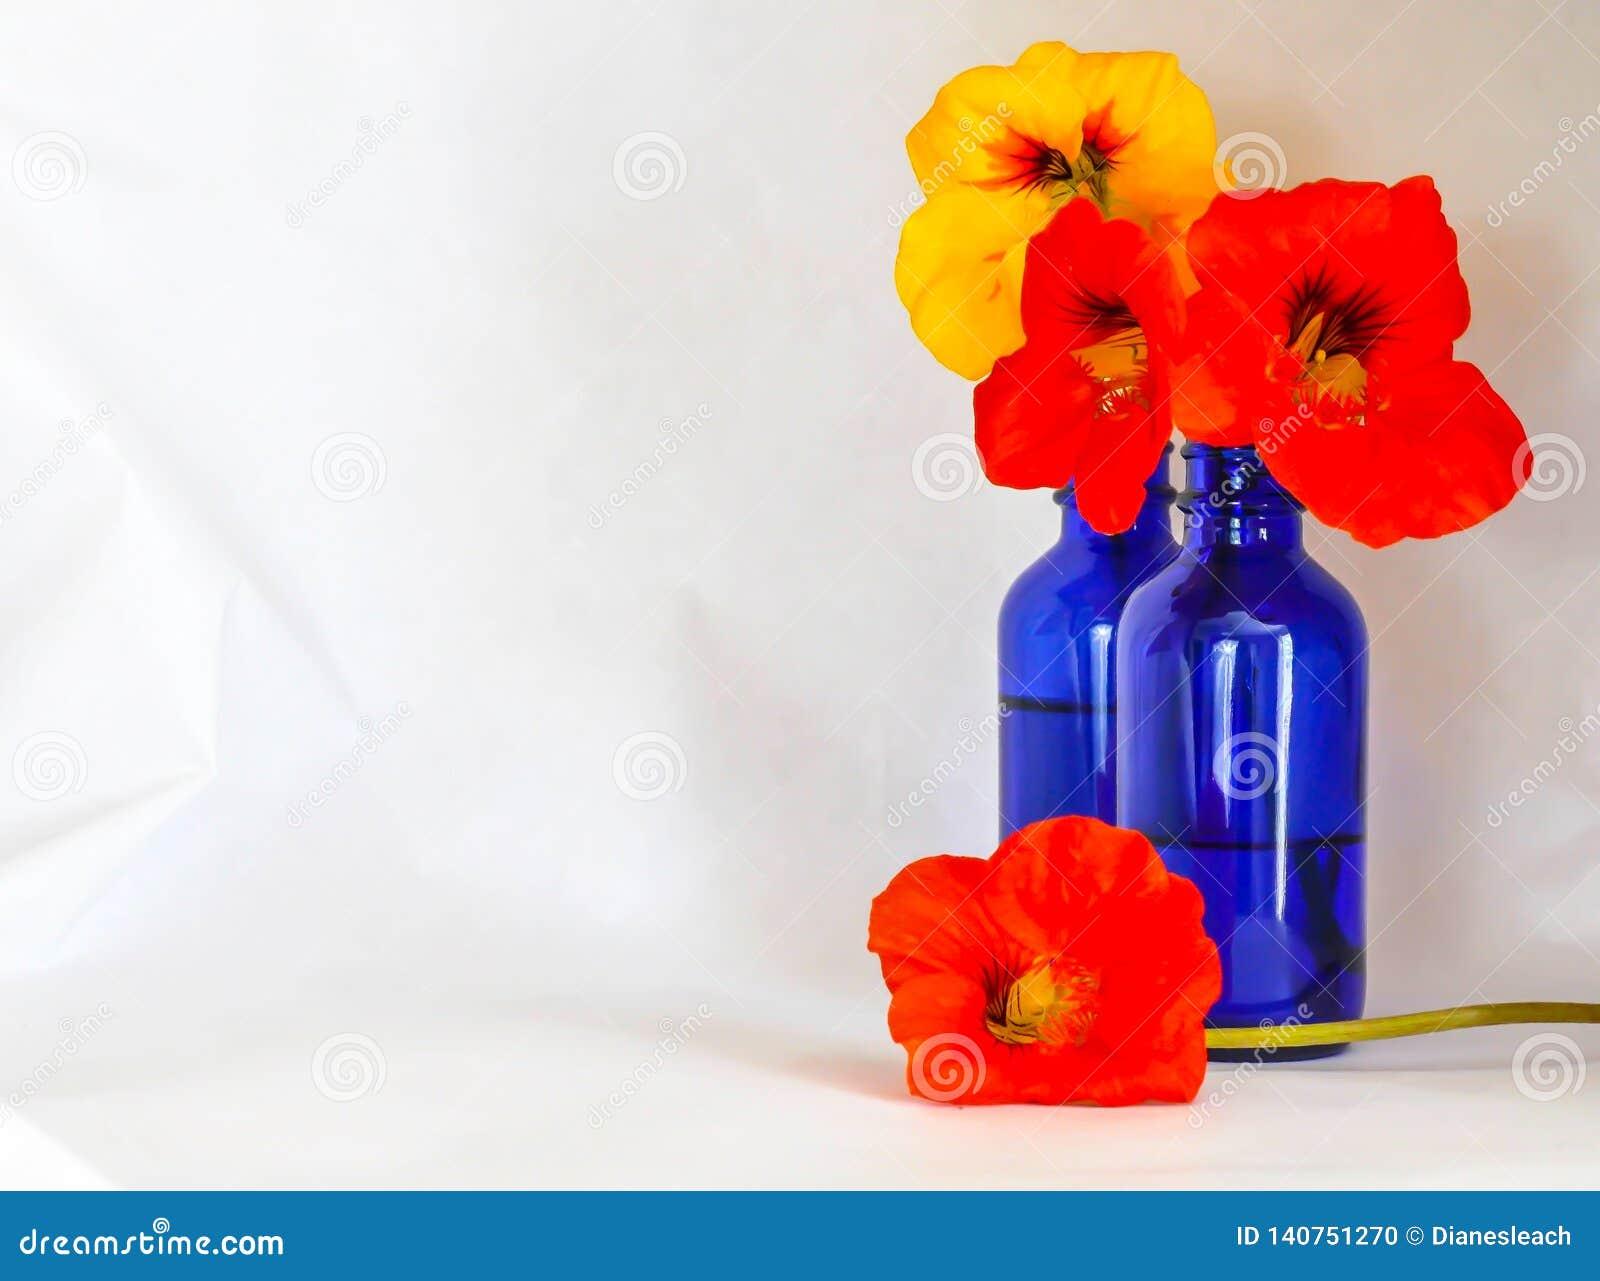 Nasturces dans une bouteille bleue contre un contexte blanc